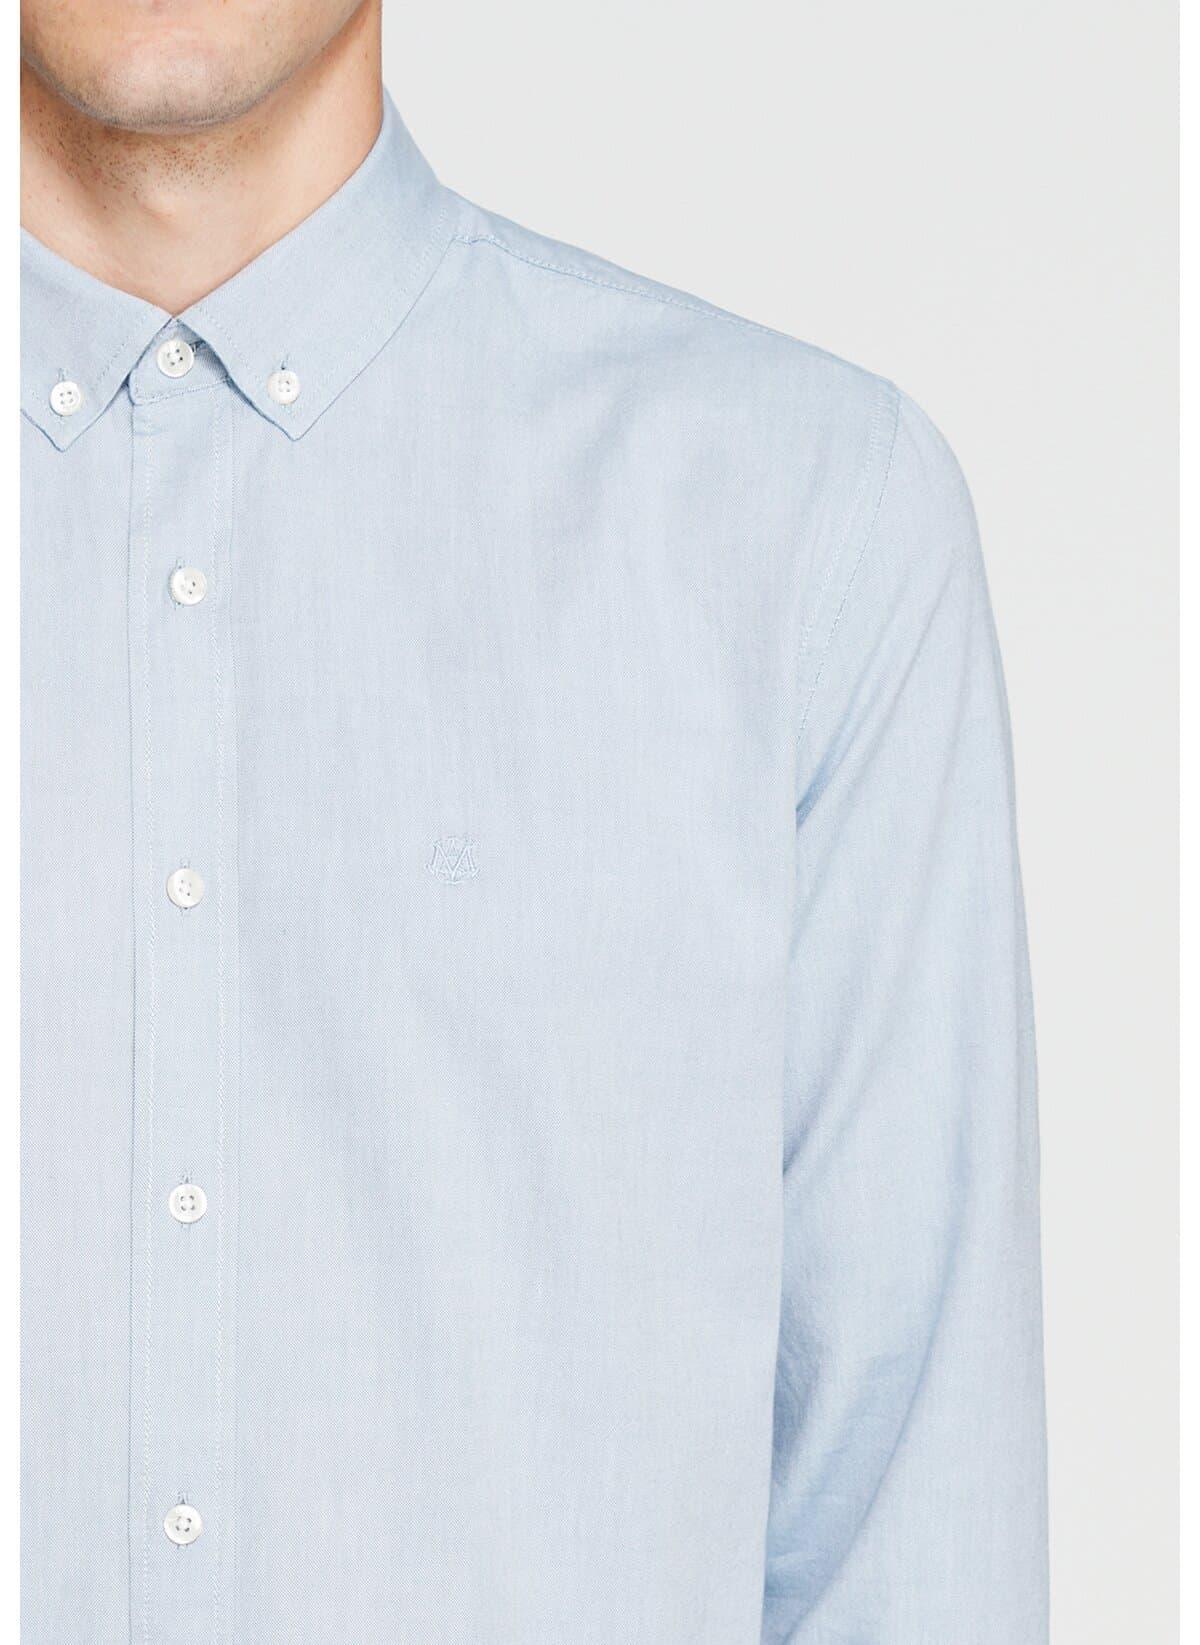 Mavi Jeans Cepsiz Erkek Mavi Gömlek